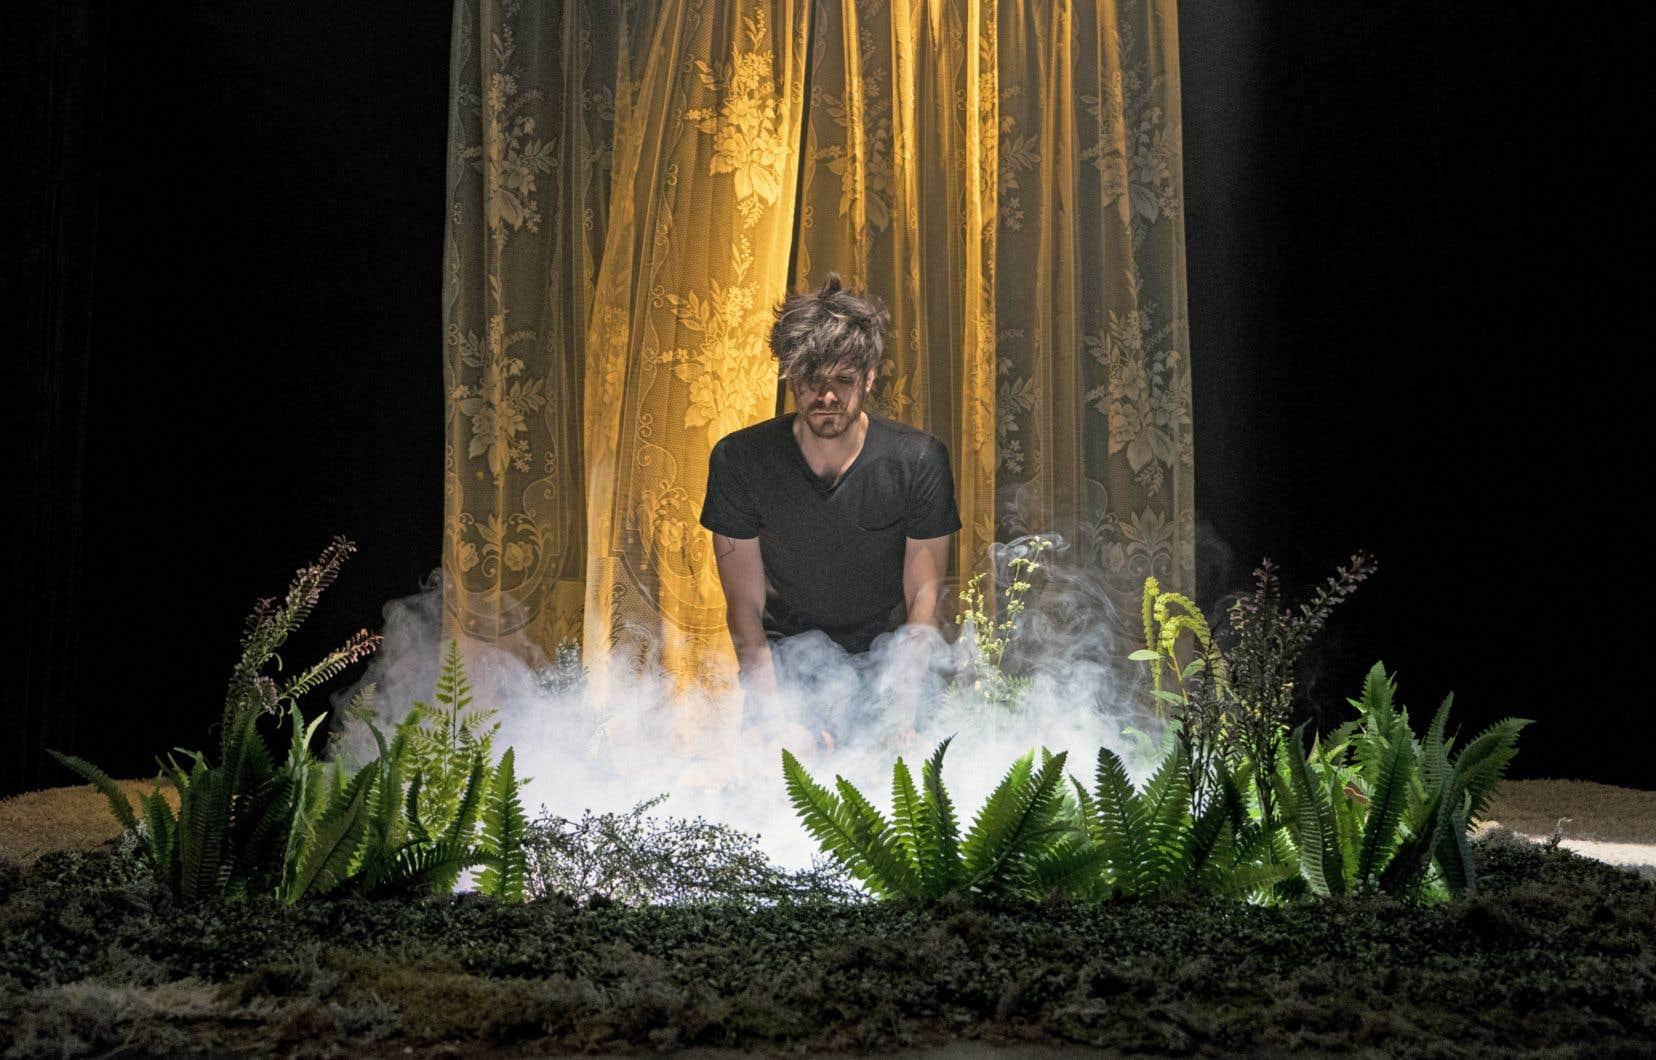 L'interprète d'un soir évolue seul dans la salle adjacente à celle des spectateurs,au gré des consignes données par les metteurs en scène dans des oreillettes.